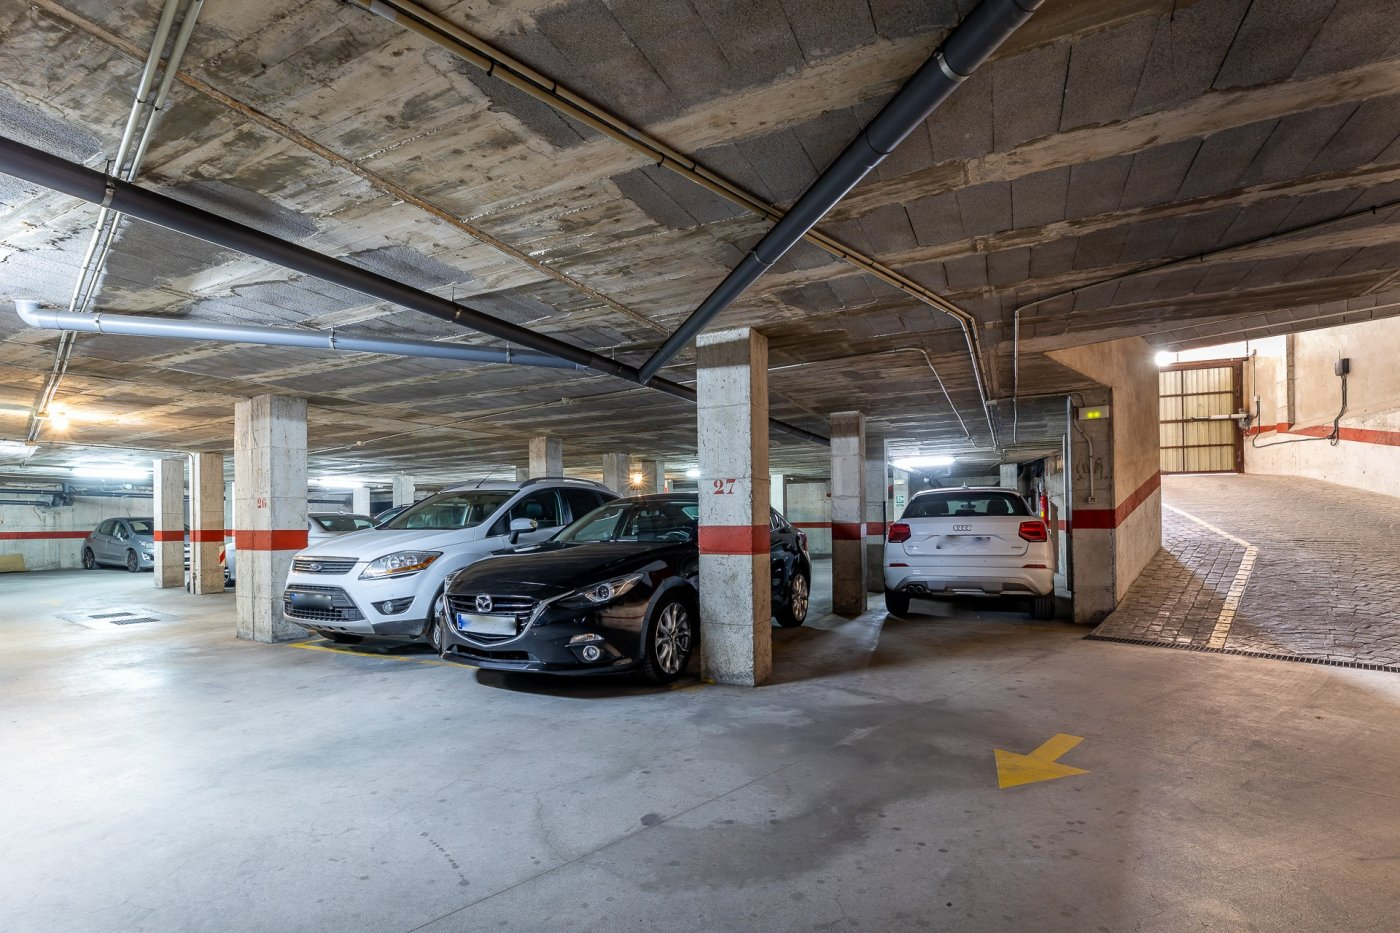 Espacioso piso con parking en el arenal de llucmajor - imagenInmueble25